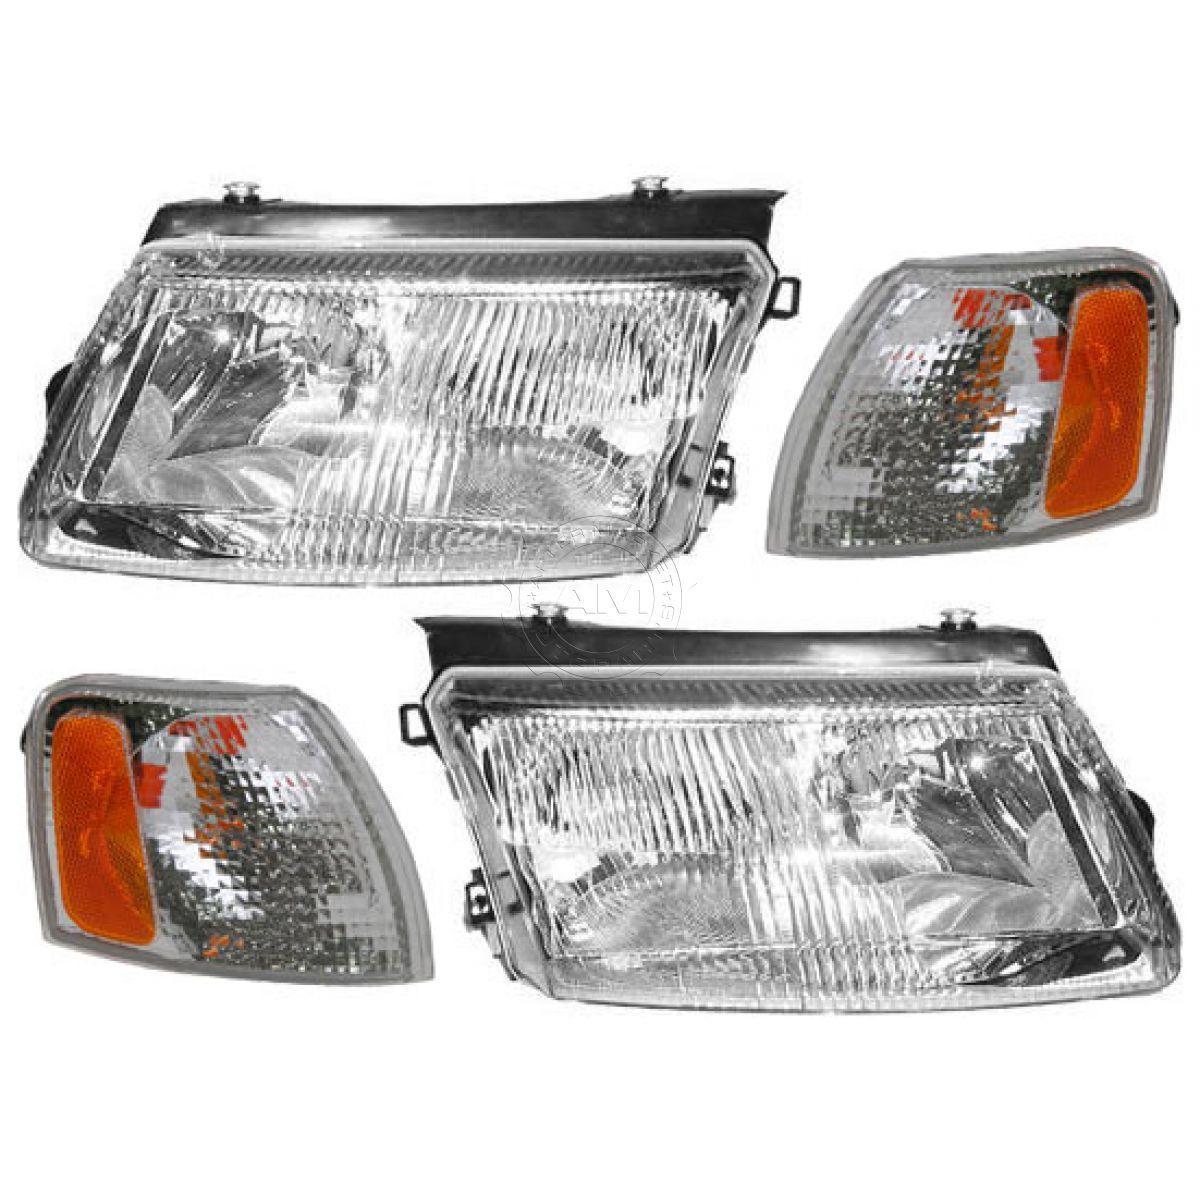 コーナーライト Headlights Headlamps & Side Marker Corner Parking Light Kit Set for 98-01 Passat ヘッドライトヘッドランプ& サイドマーカコーナーパーキングライトキットセットfor 98-01 Passat